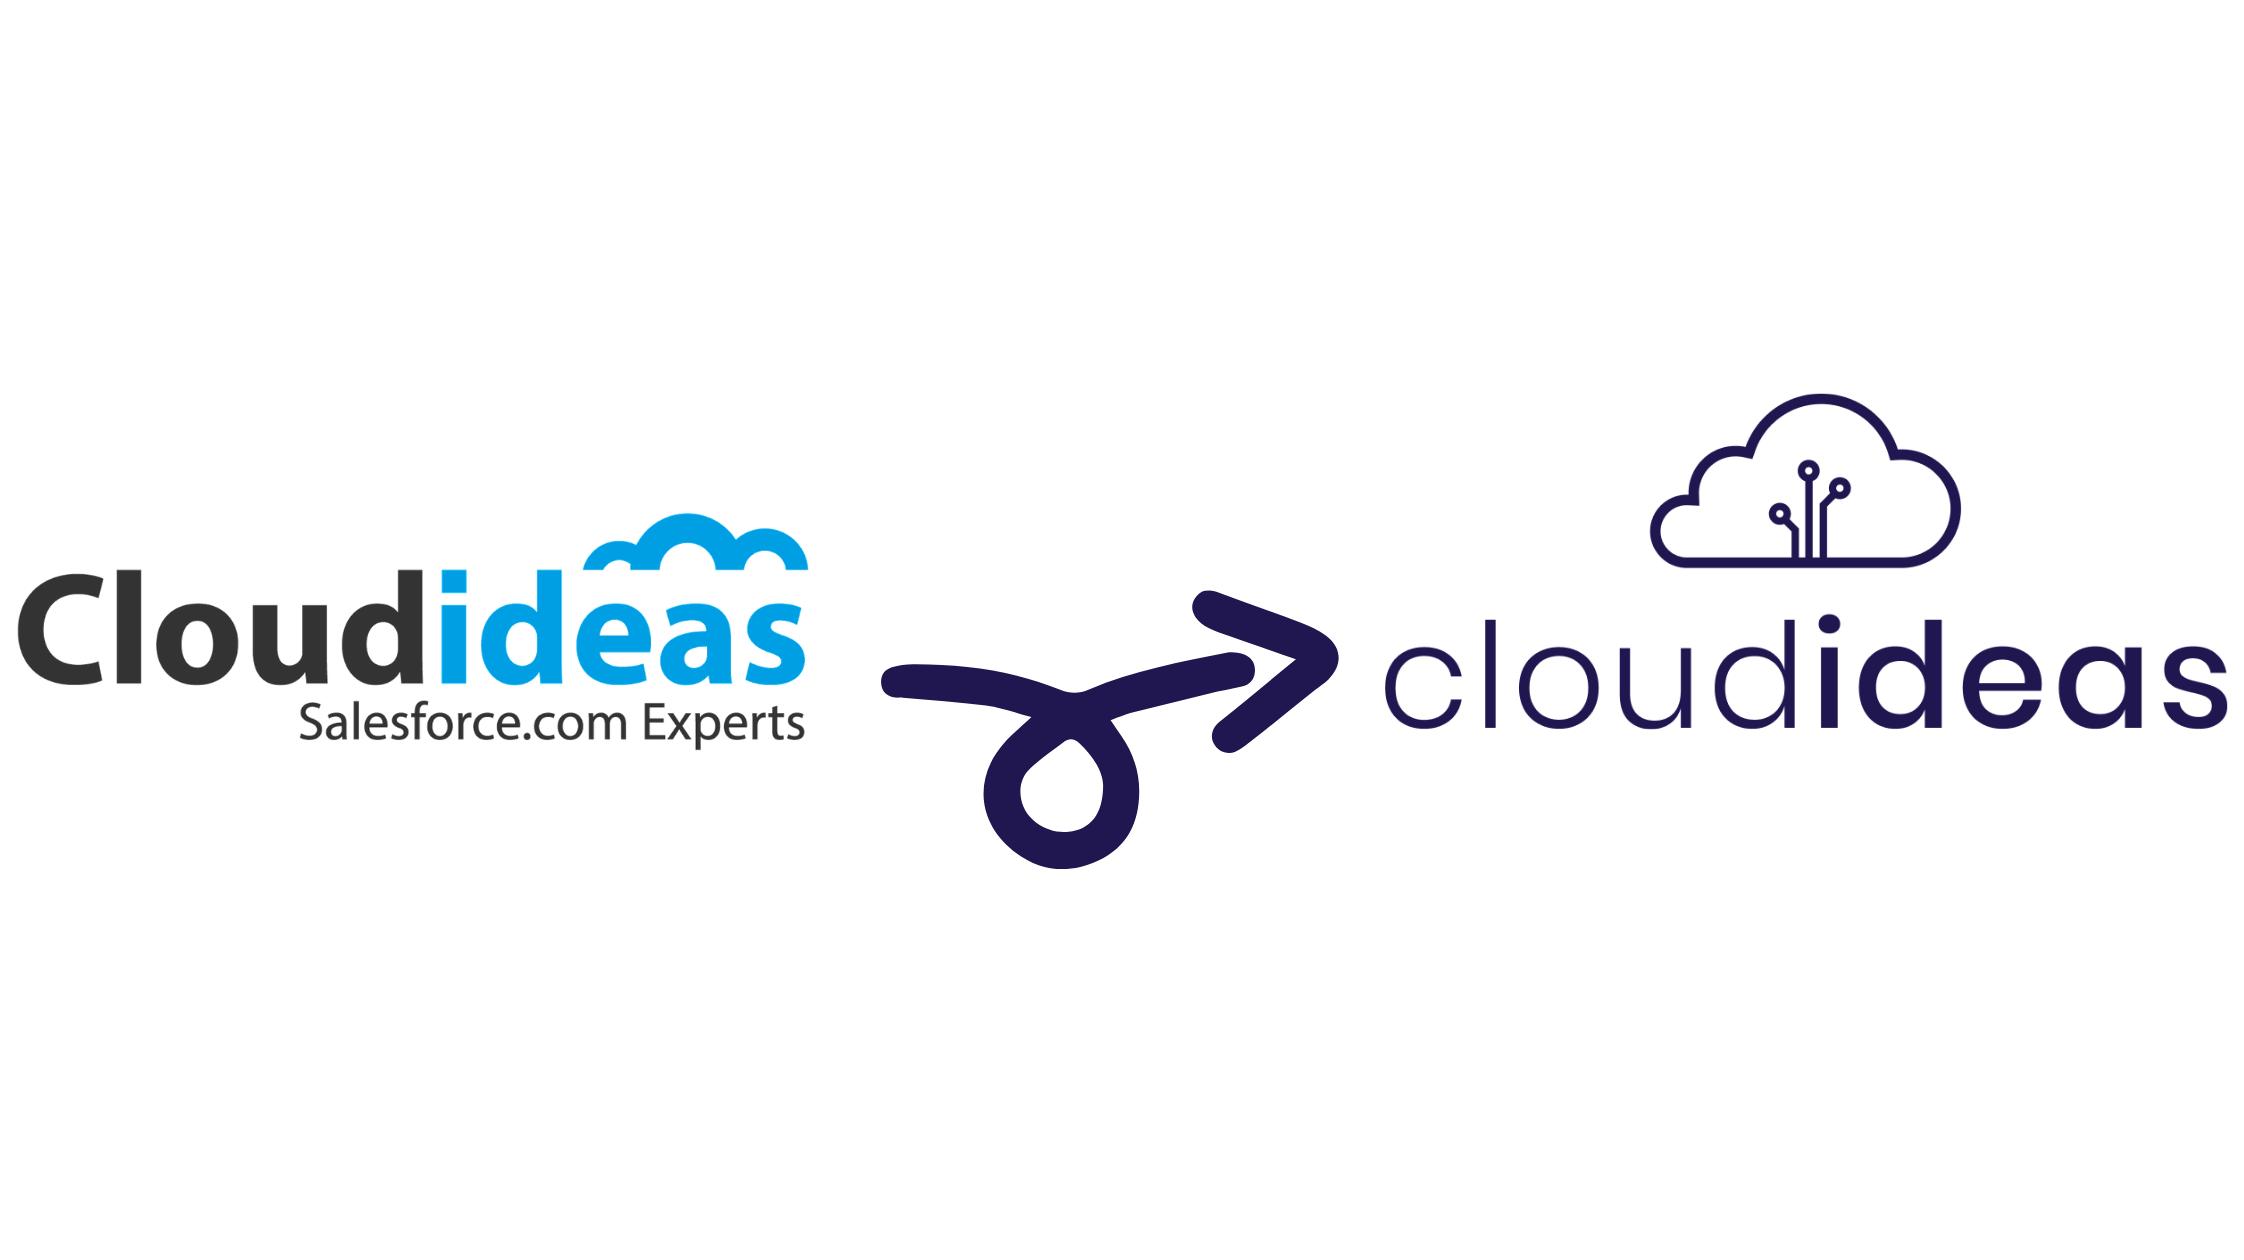 Cloudideas Logo change